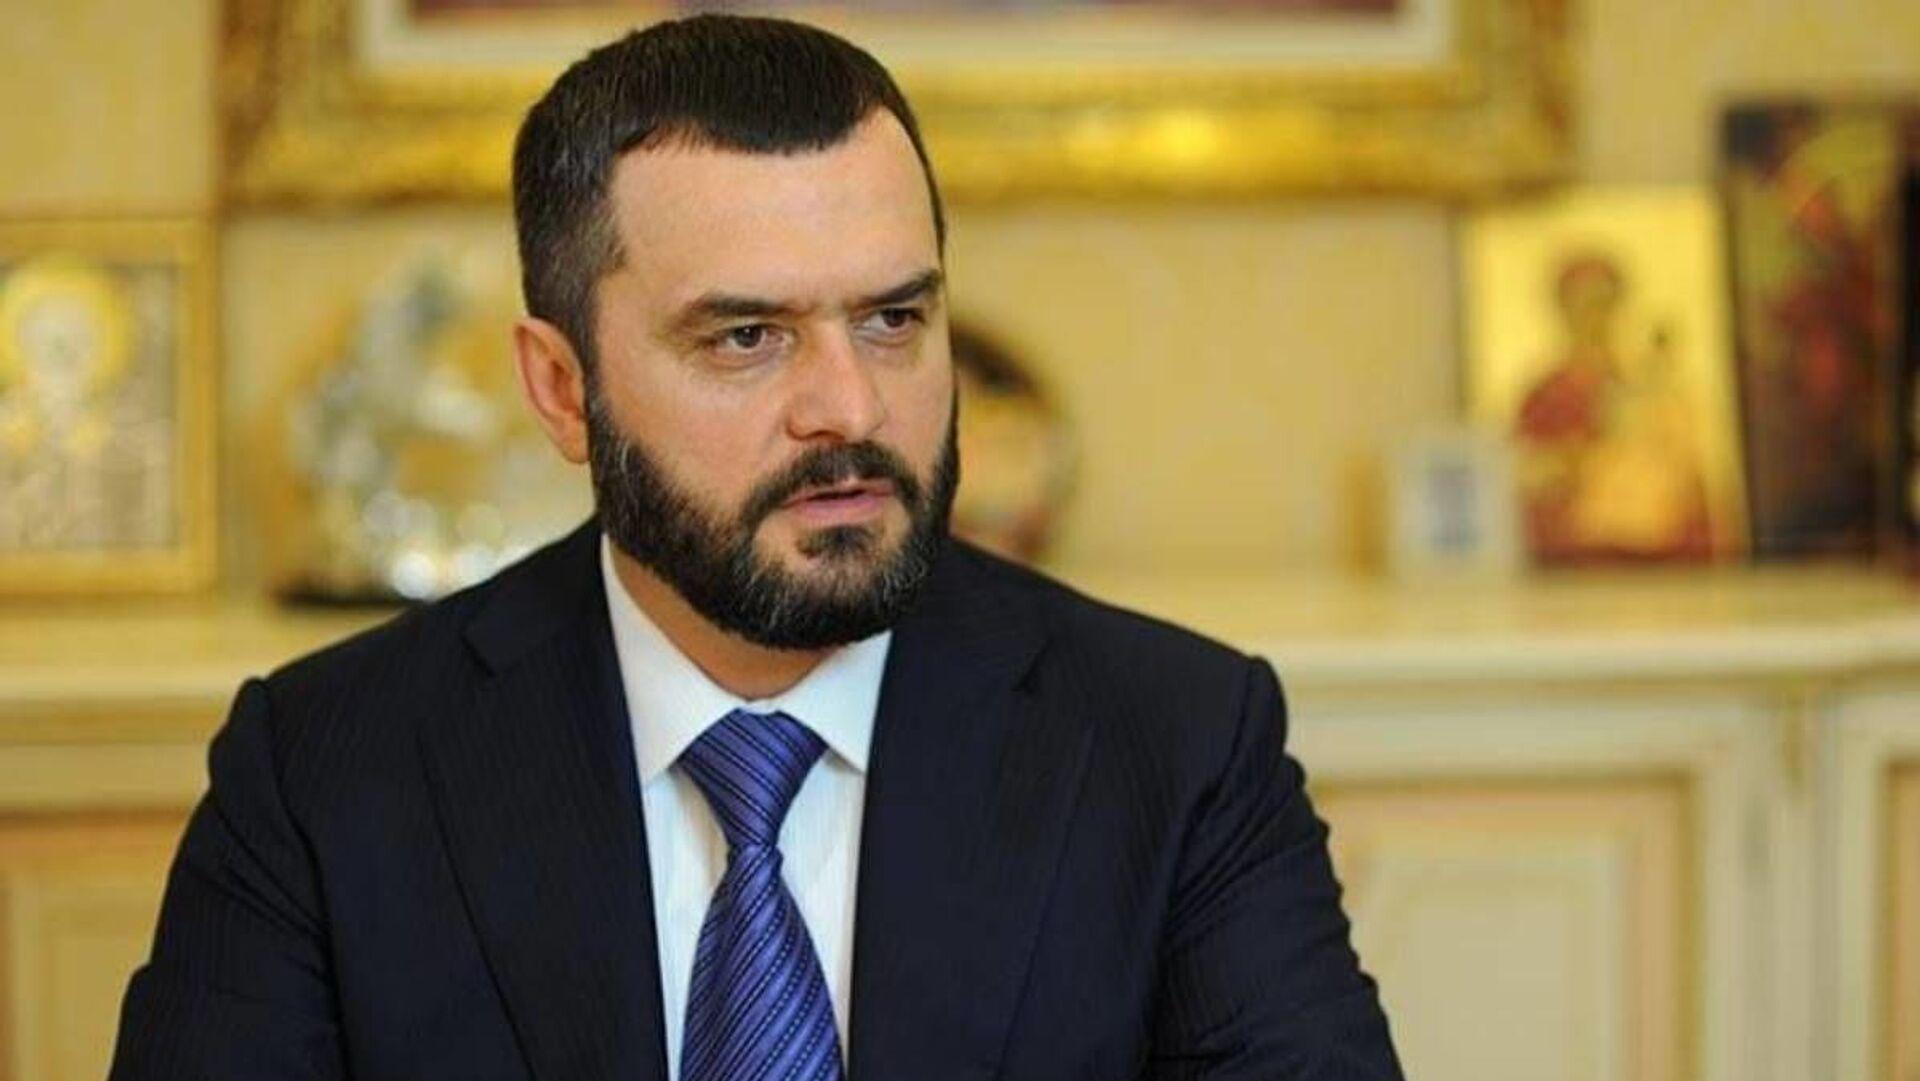 Экс-министр внутренних дел Украины Виталий Захарченко - Sputnik Беларусь, 1920, 04.02.2021